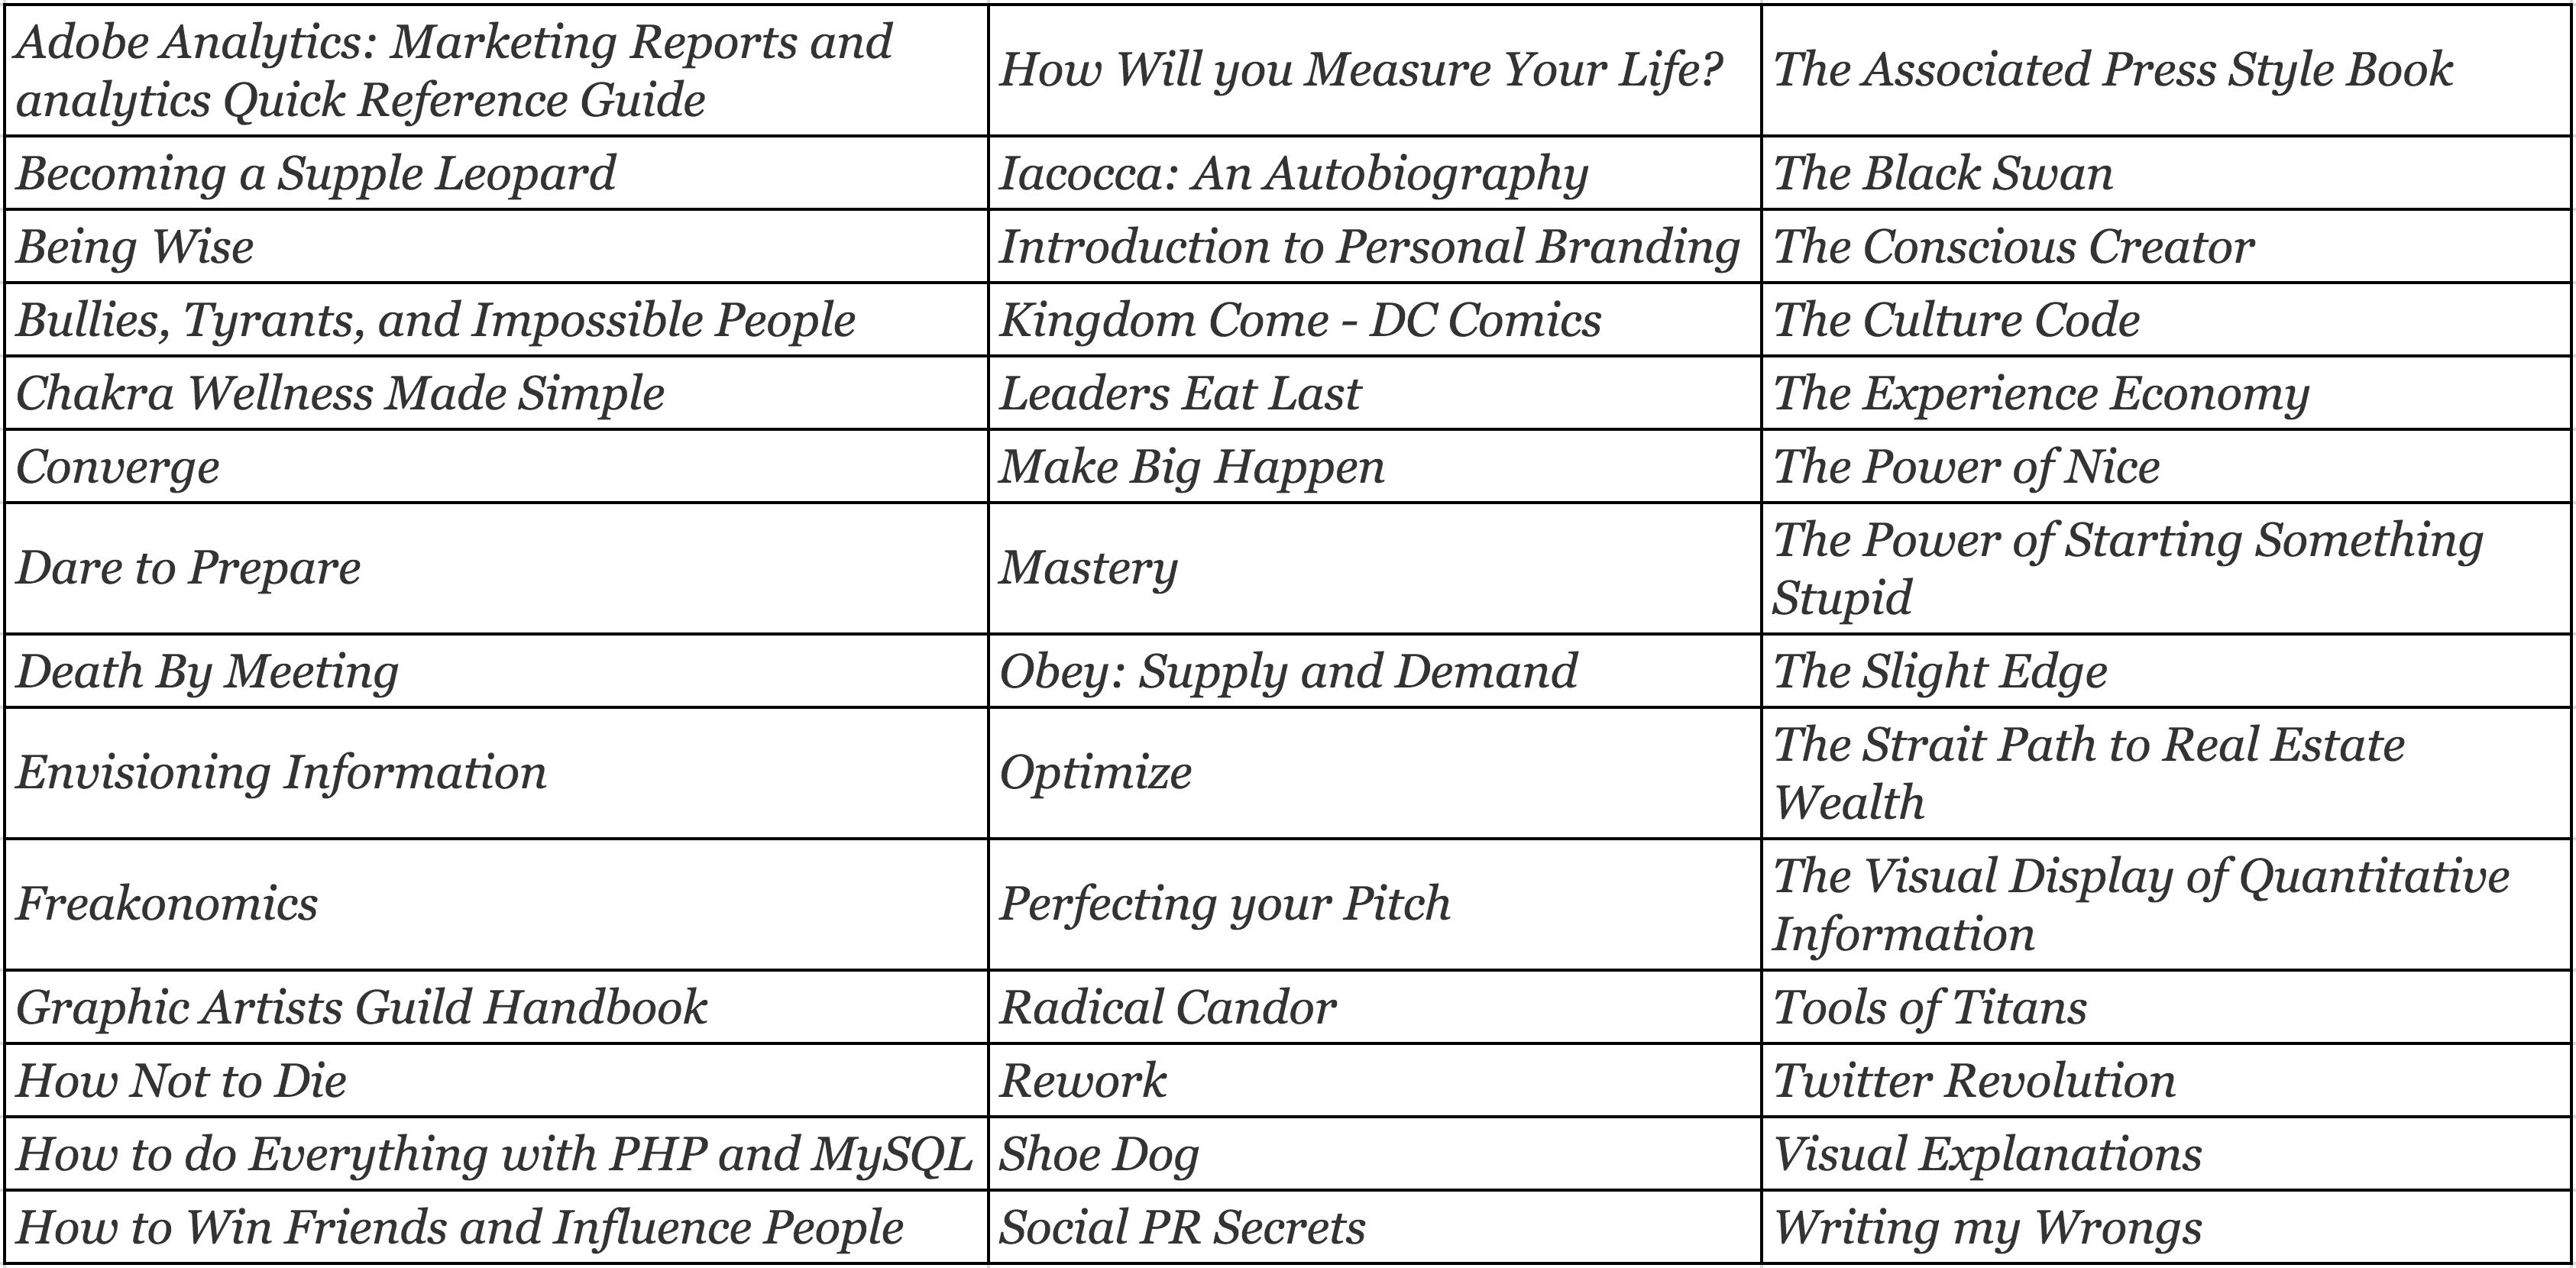 97th Floor Bookshelf List